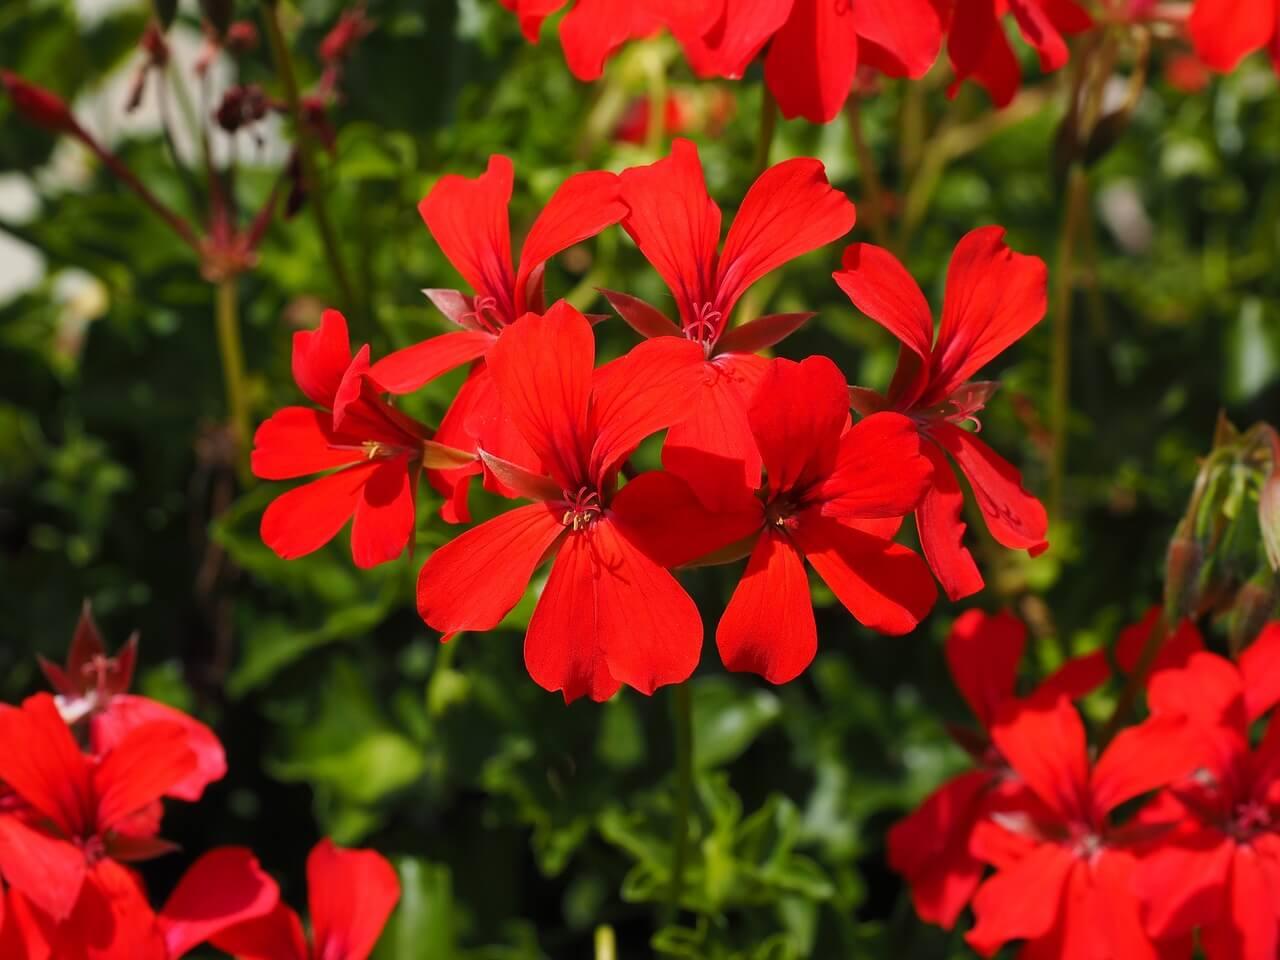 gerenium-indoor-plants